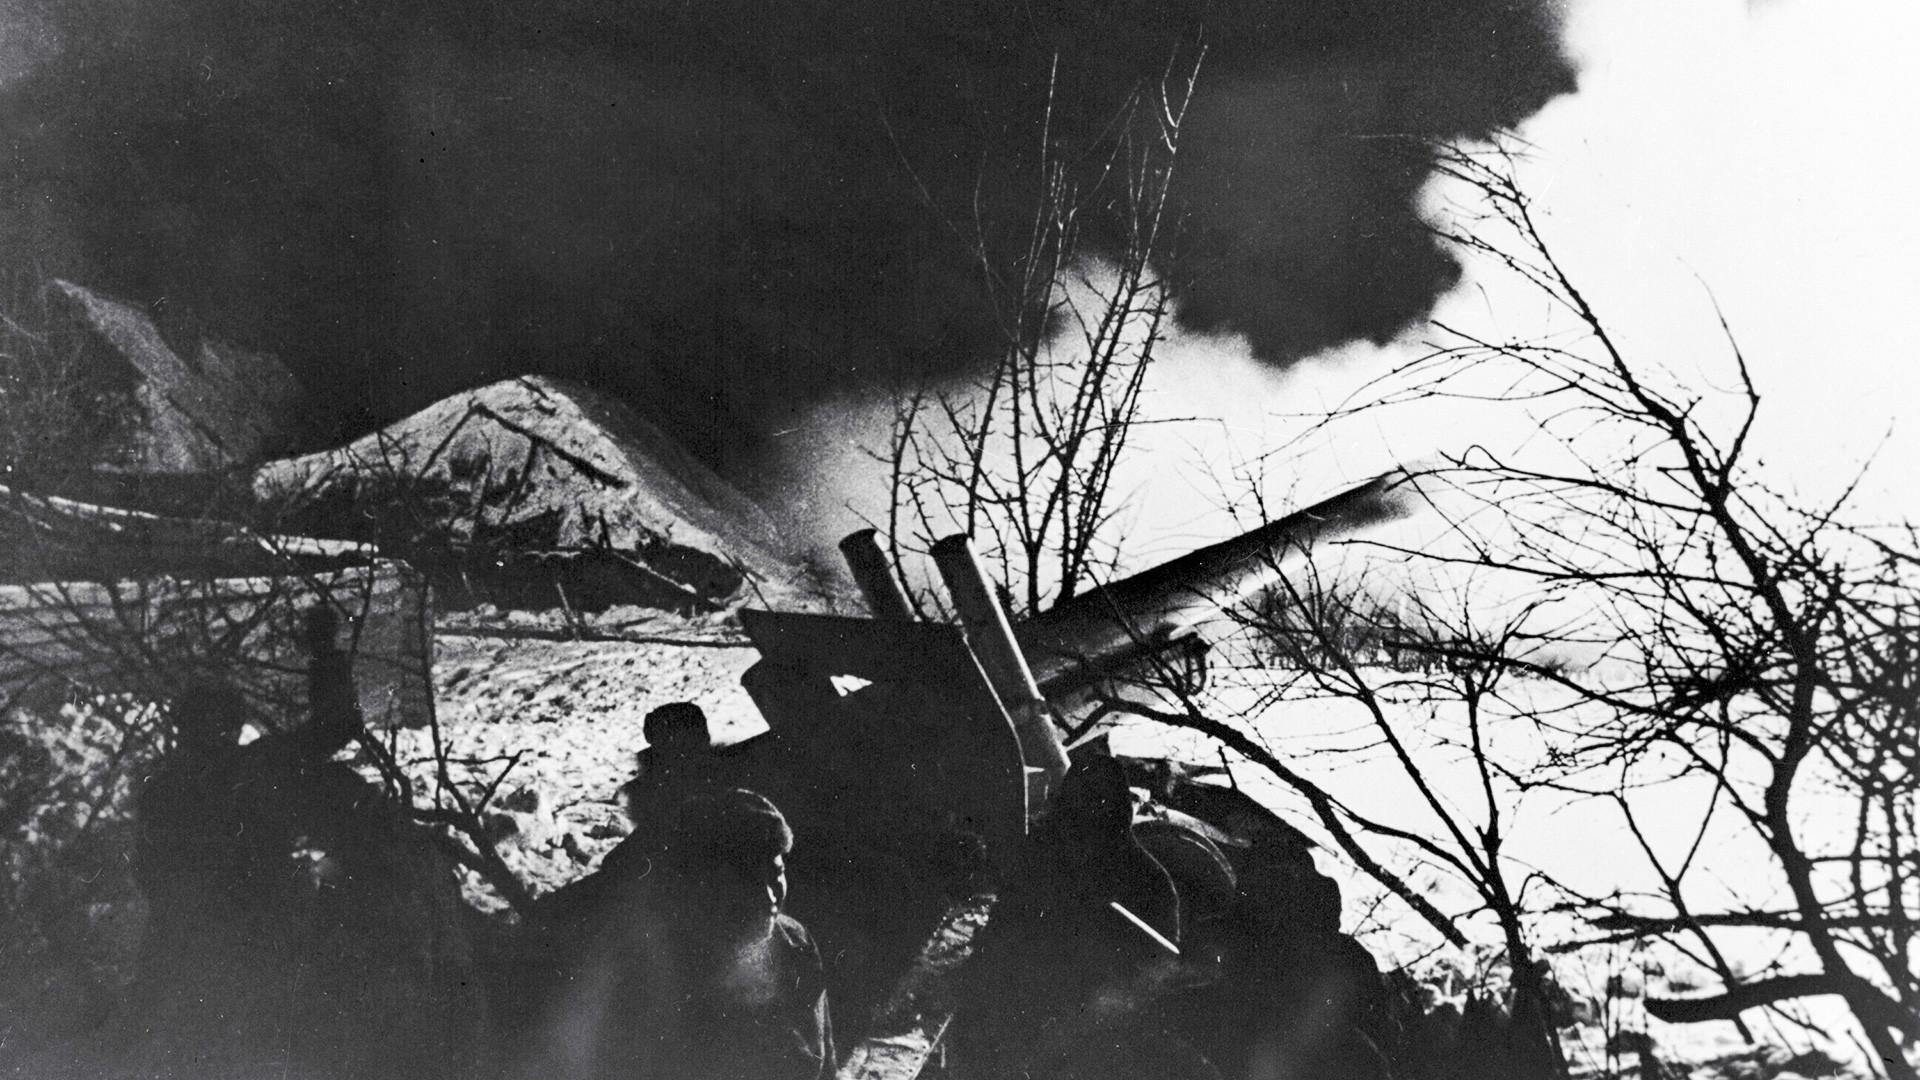 Велики отаџбински рат 1941-1945. Артиљеријско оруђе на ватреном положају на прилазу Москви. 01.11.1941.